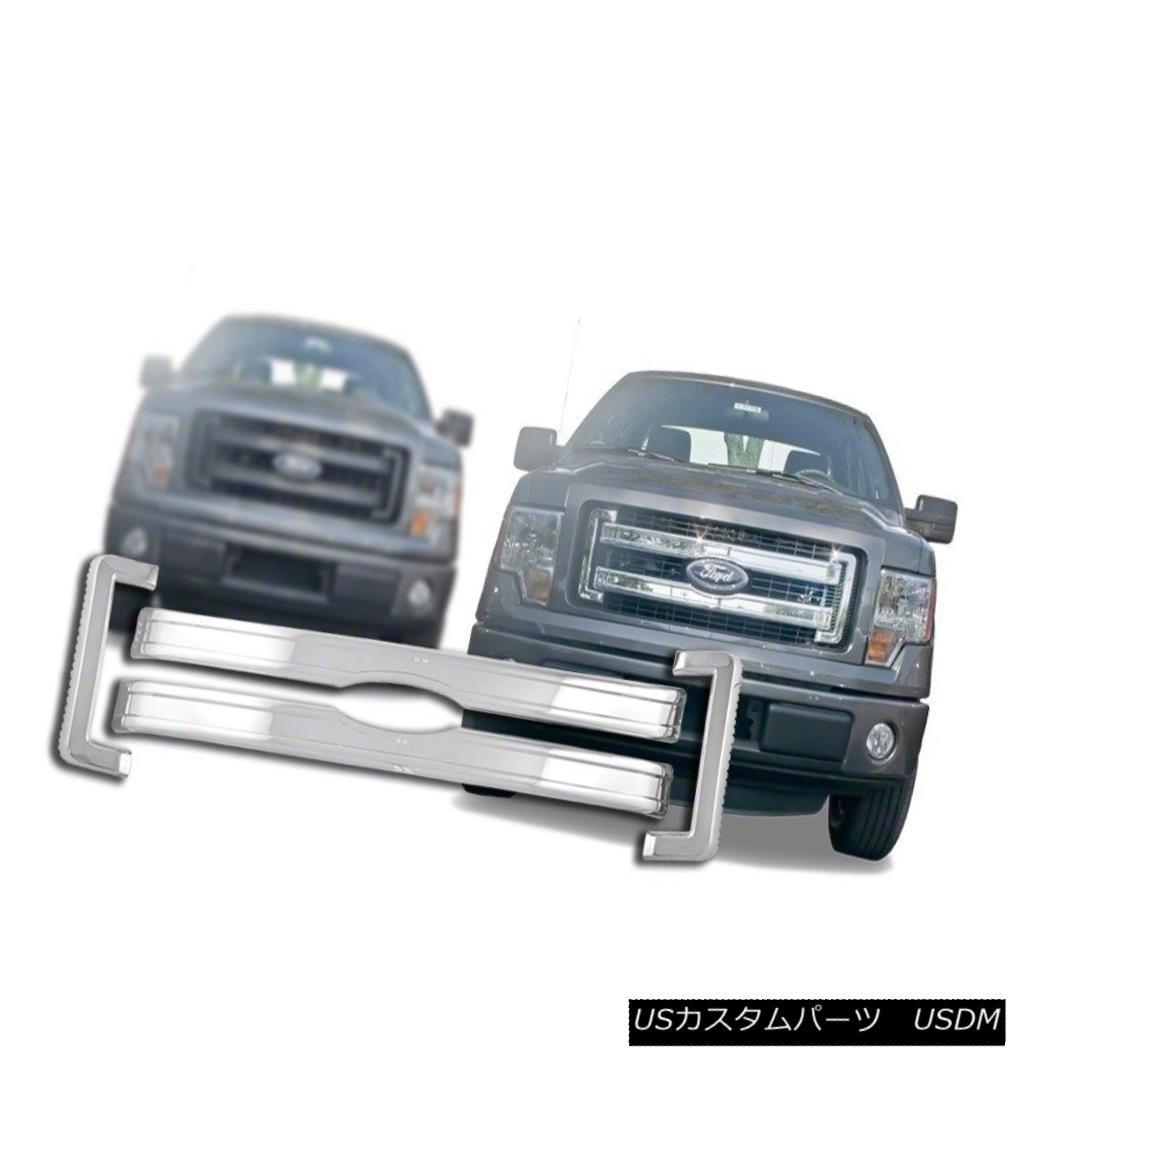 グリル Fits 2013-14 Ford F150-Chrome Grille Overlay-IWCGI113 2013-14 Ford F150-Chromeグリルオーバーレイ-IWCGI1 13